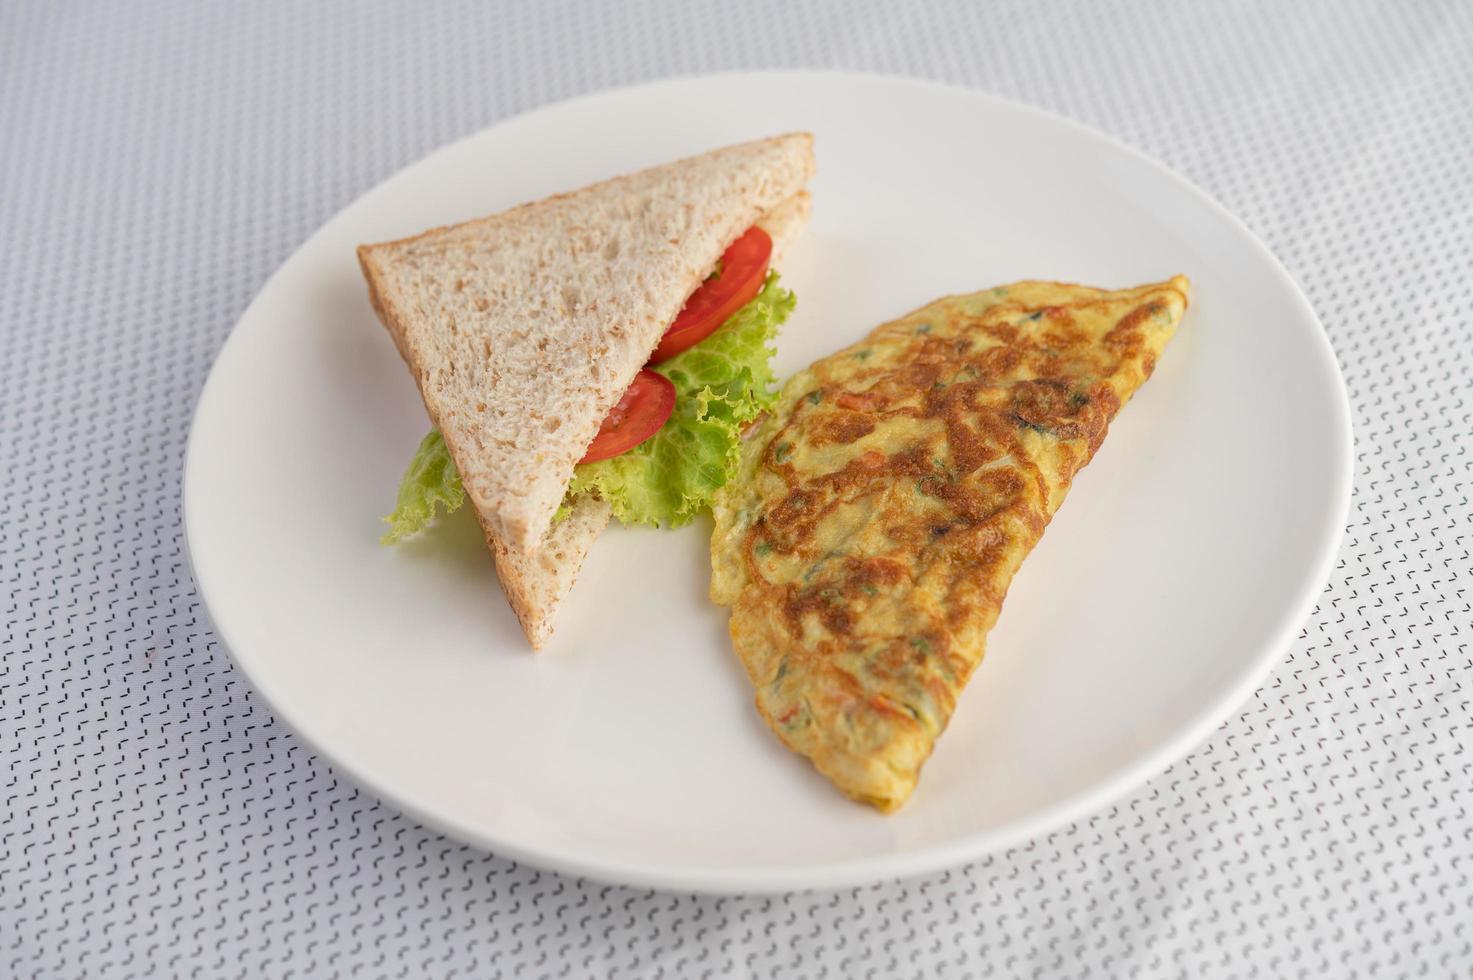 een ei-omelet en sandwich op een witte plaat foto